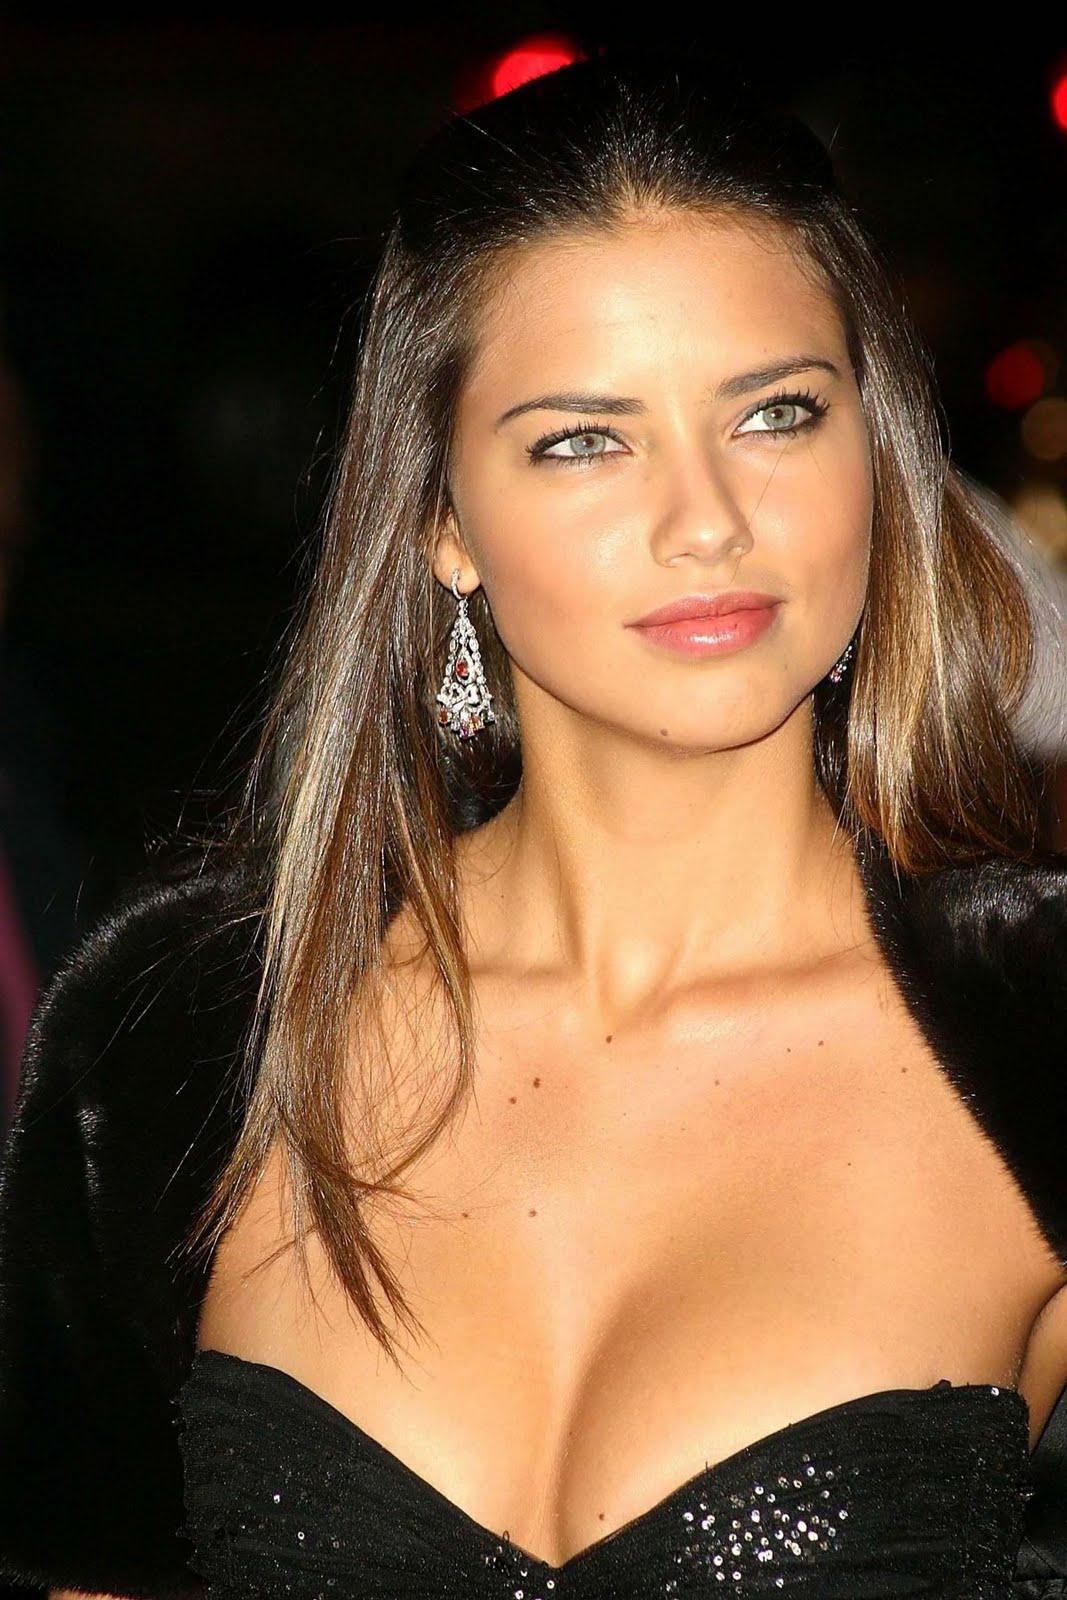 http://4.bp.blogspot.com/-V3-E_r1GuQ4/Tso9A9IkHYI/AAAAAAAAAXI/zz_vcvB-GHI/s1600/Adriana%2BLima%2Bbiography.jpg